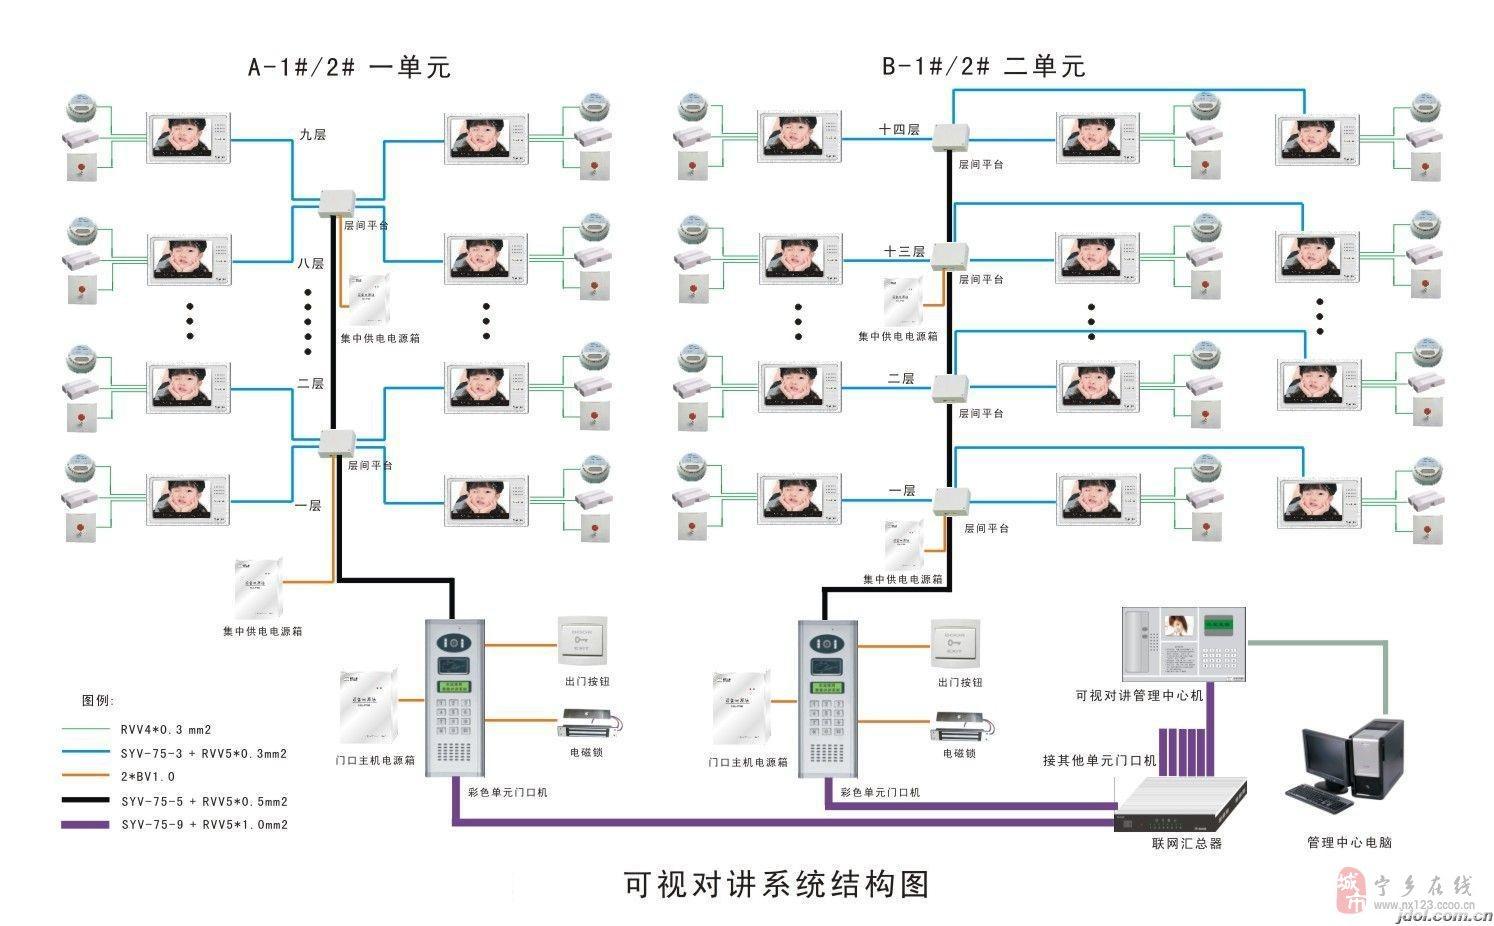 弱电监控智能系统工程